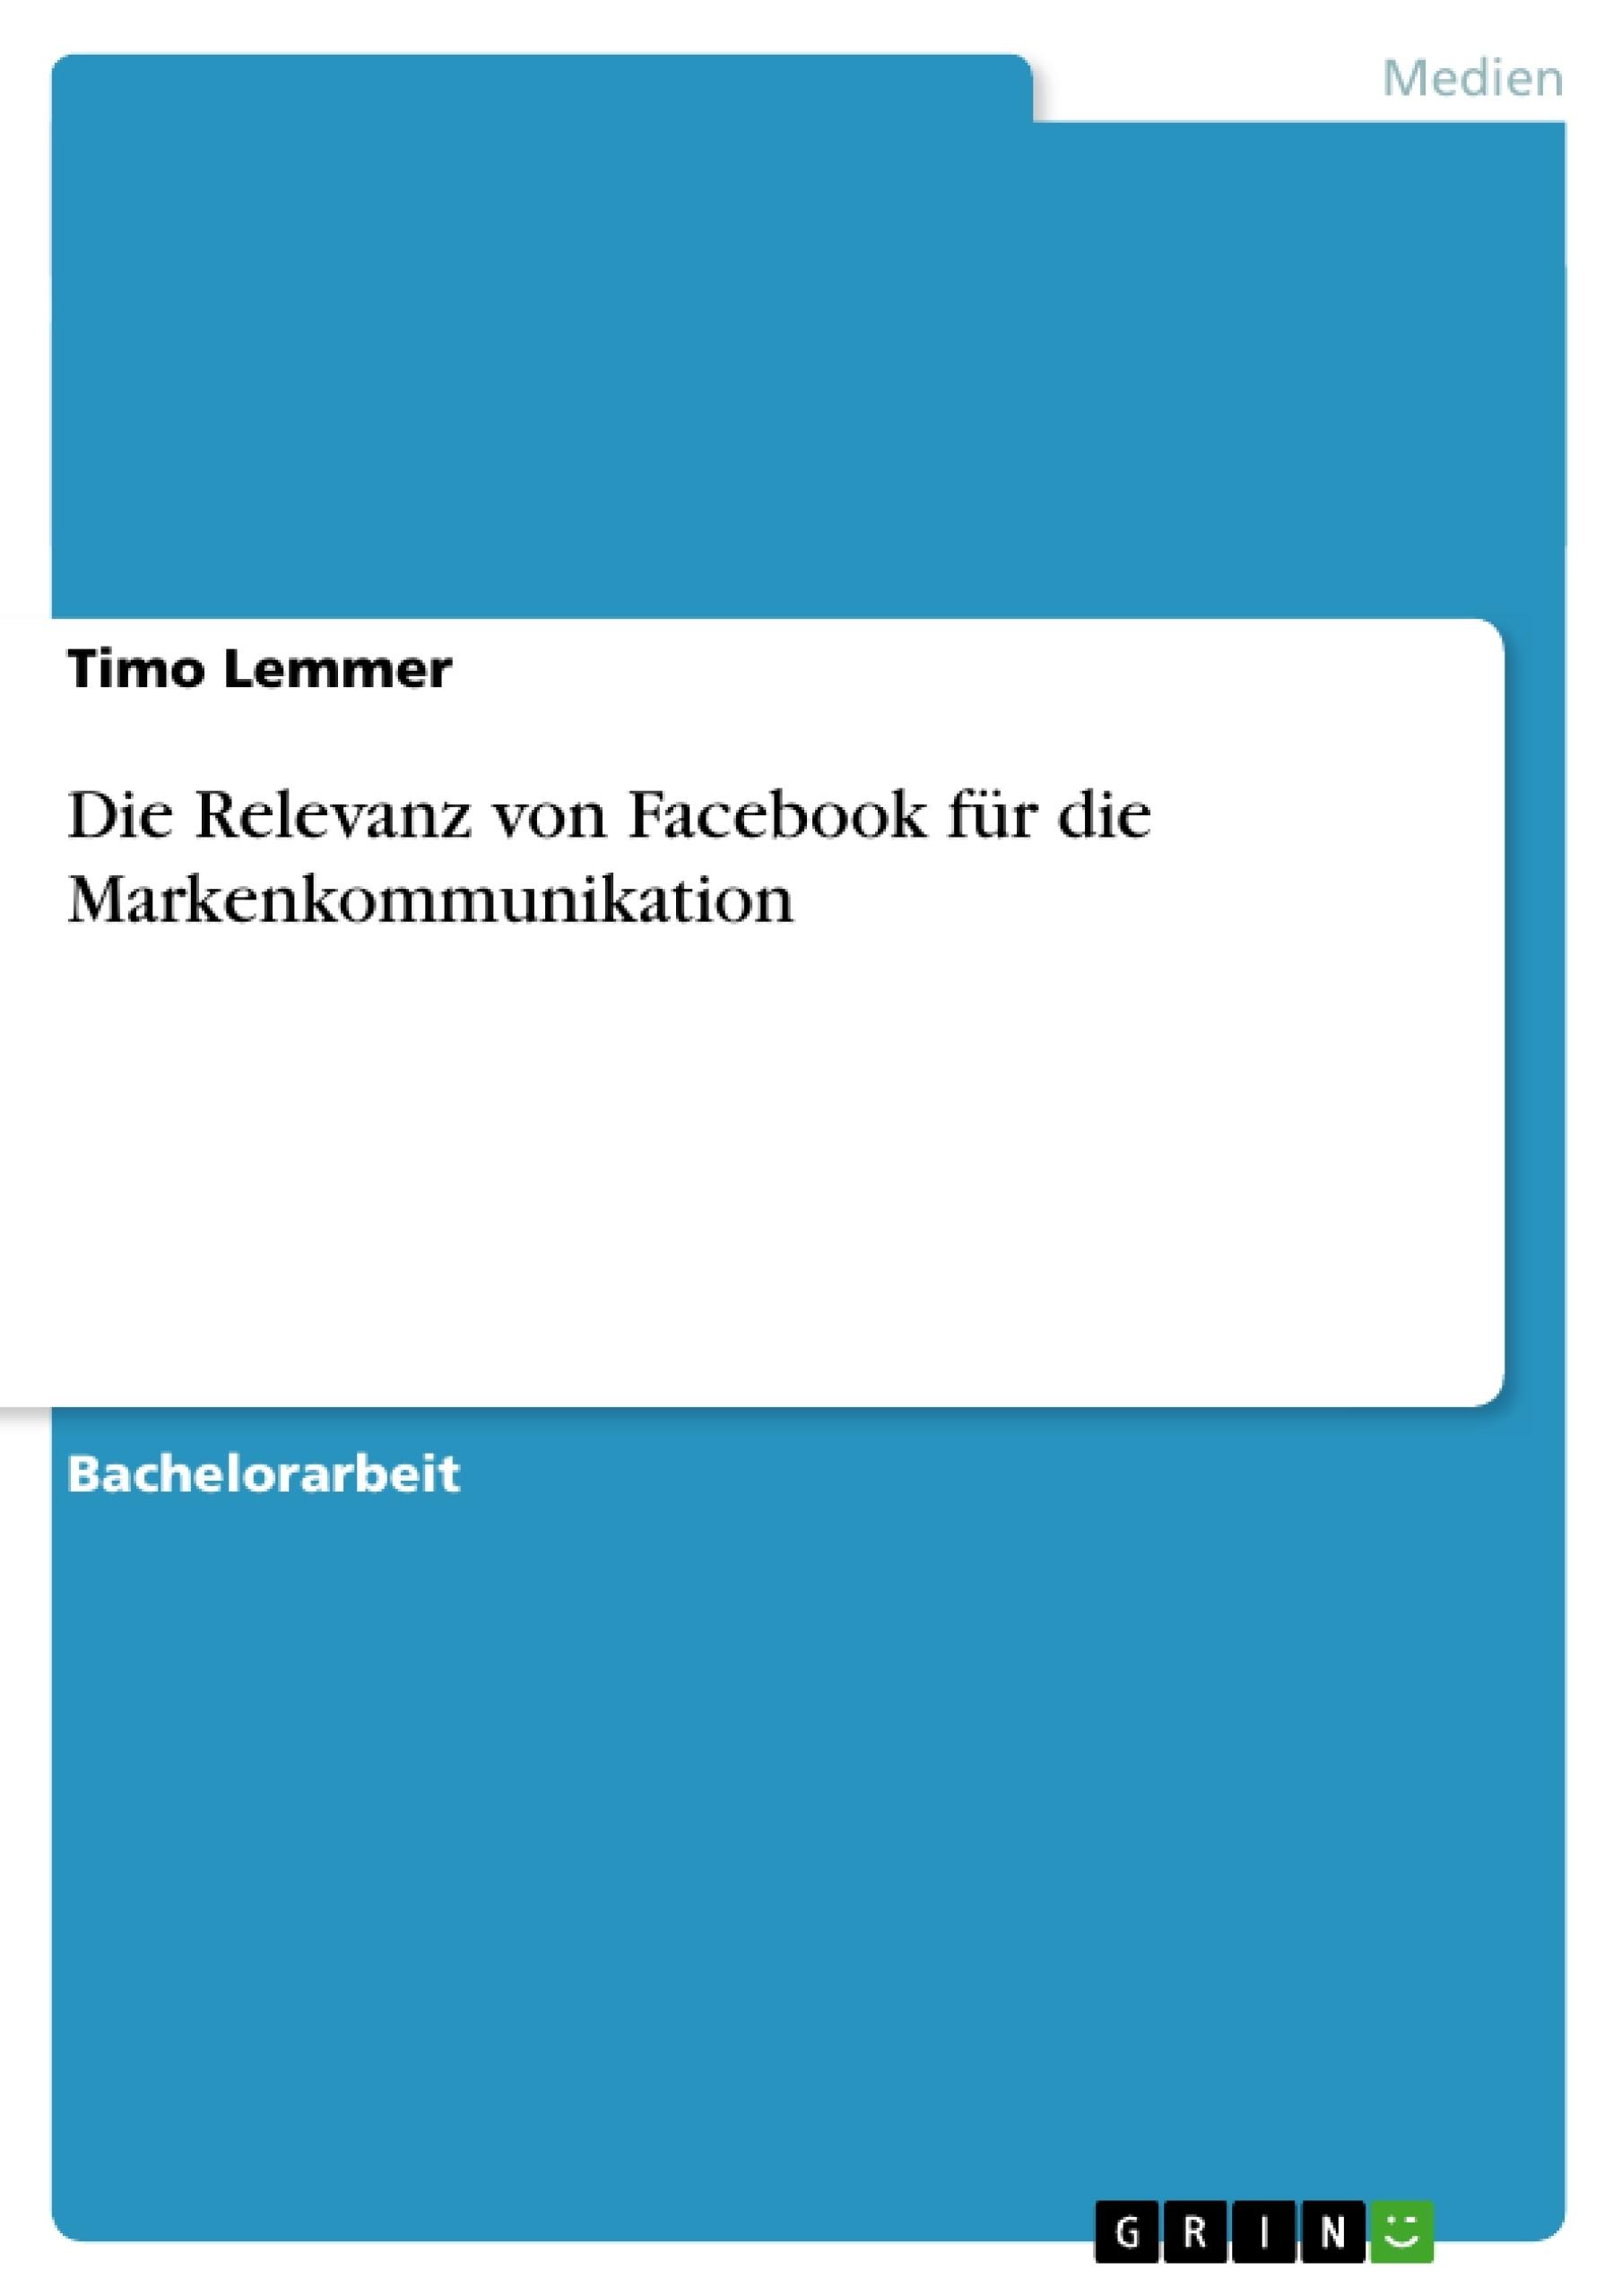 Titel: Die Relevanz von Facebook für die Markenkommunikation